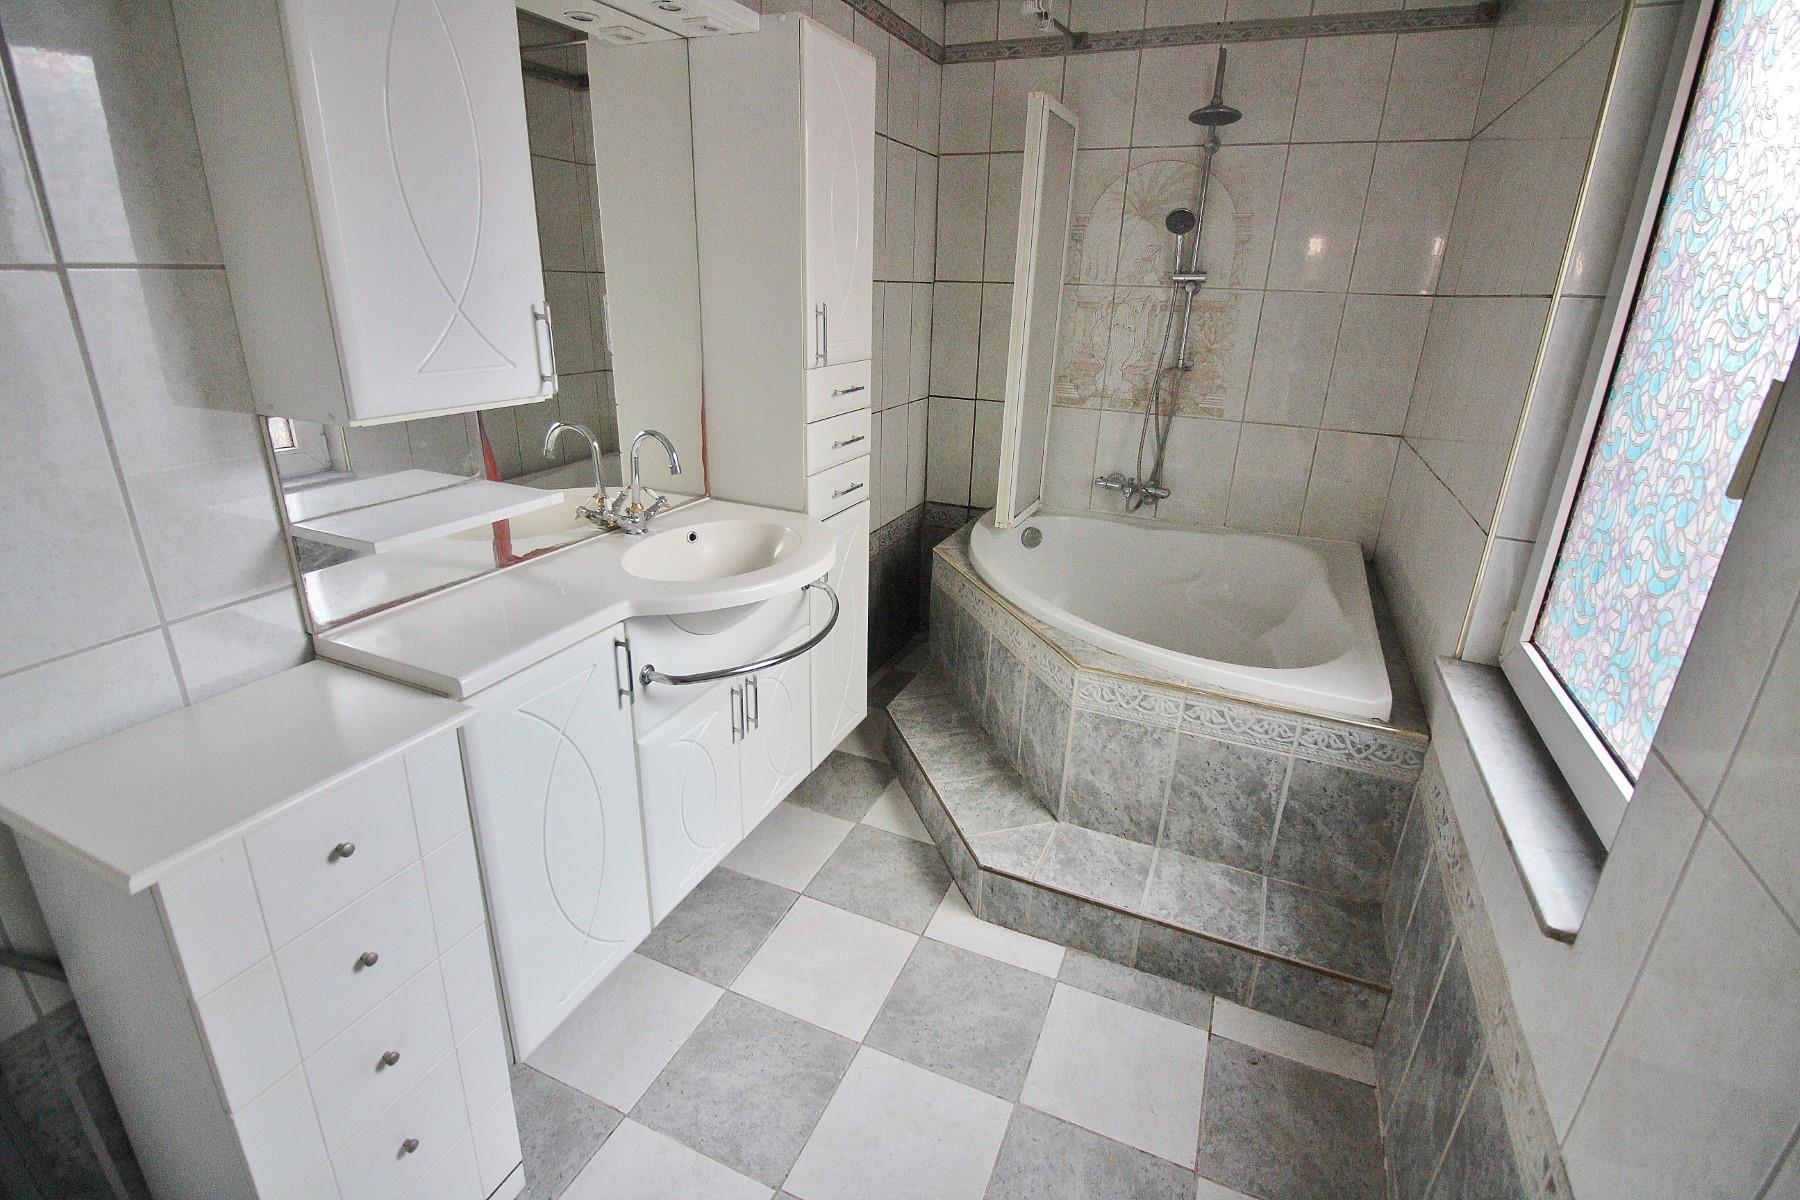 Maison - Seraing Jemeppe-sur-Meuse - #3690786-6